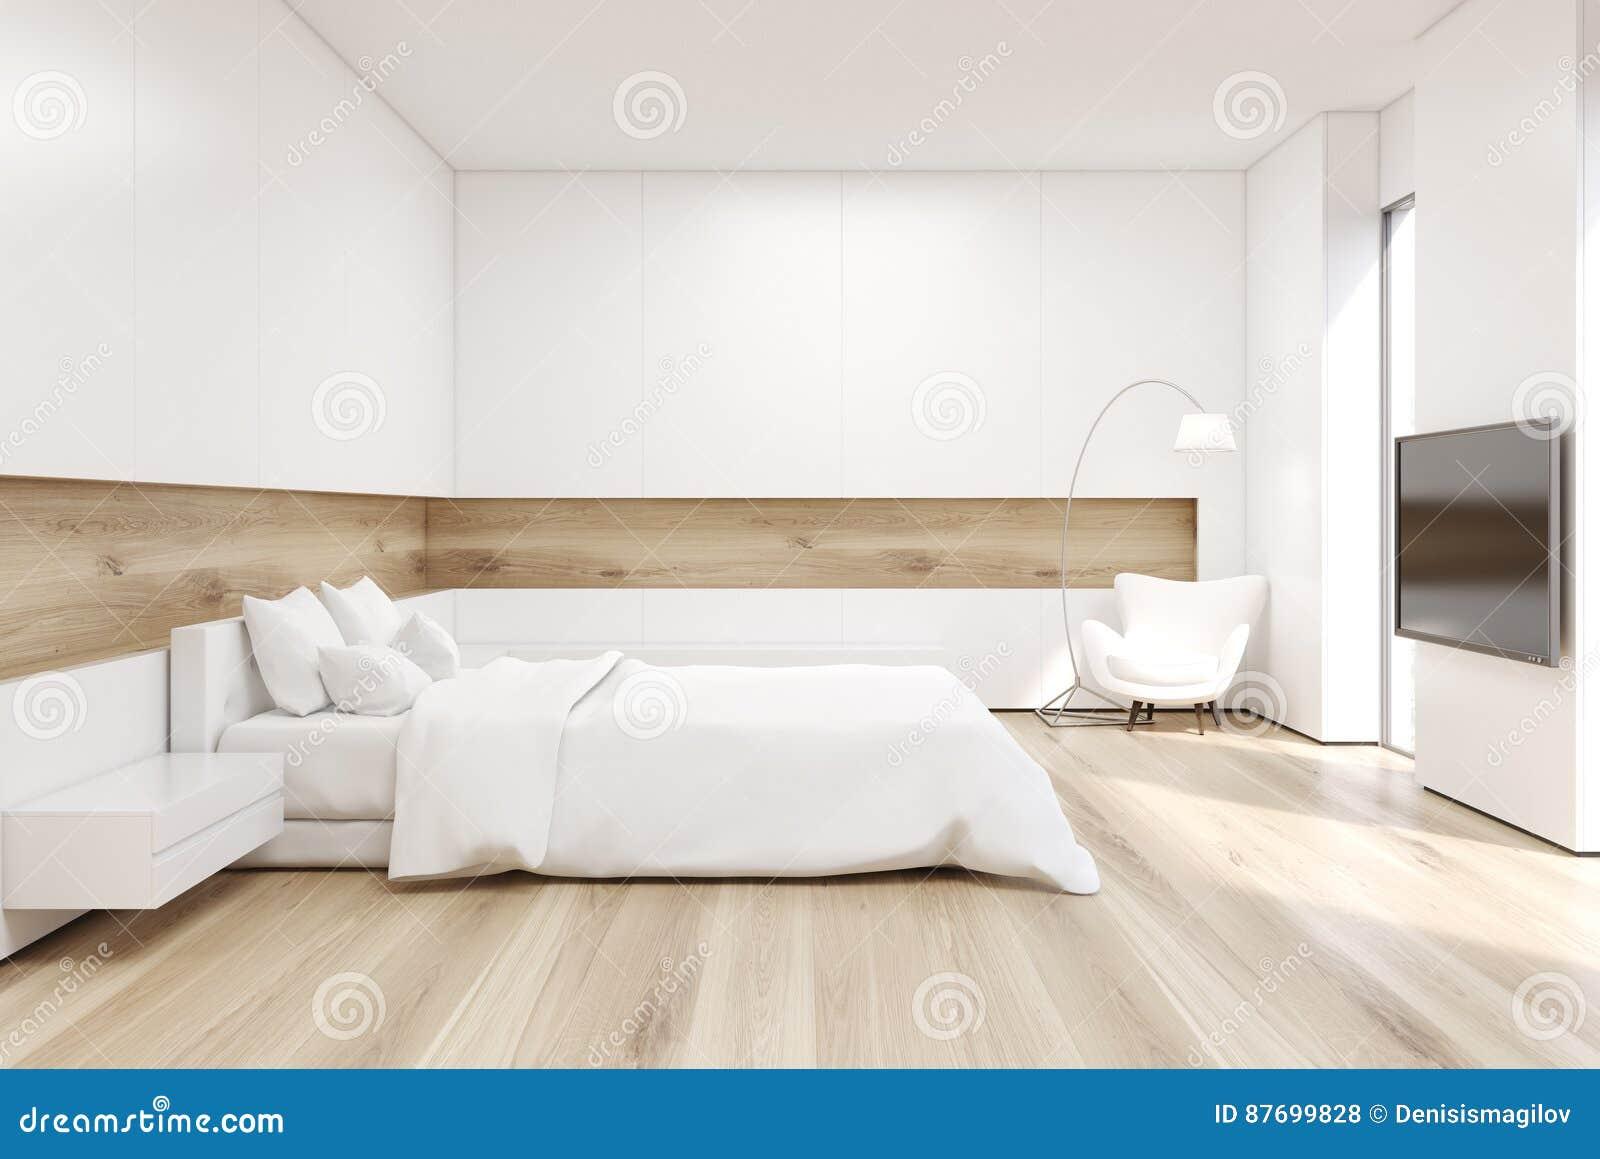 Seitenansicht Des Schlafzimmers Mit Fernseher Stock ...